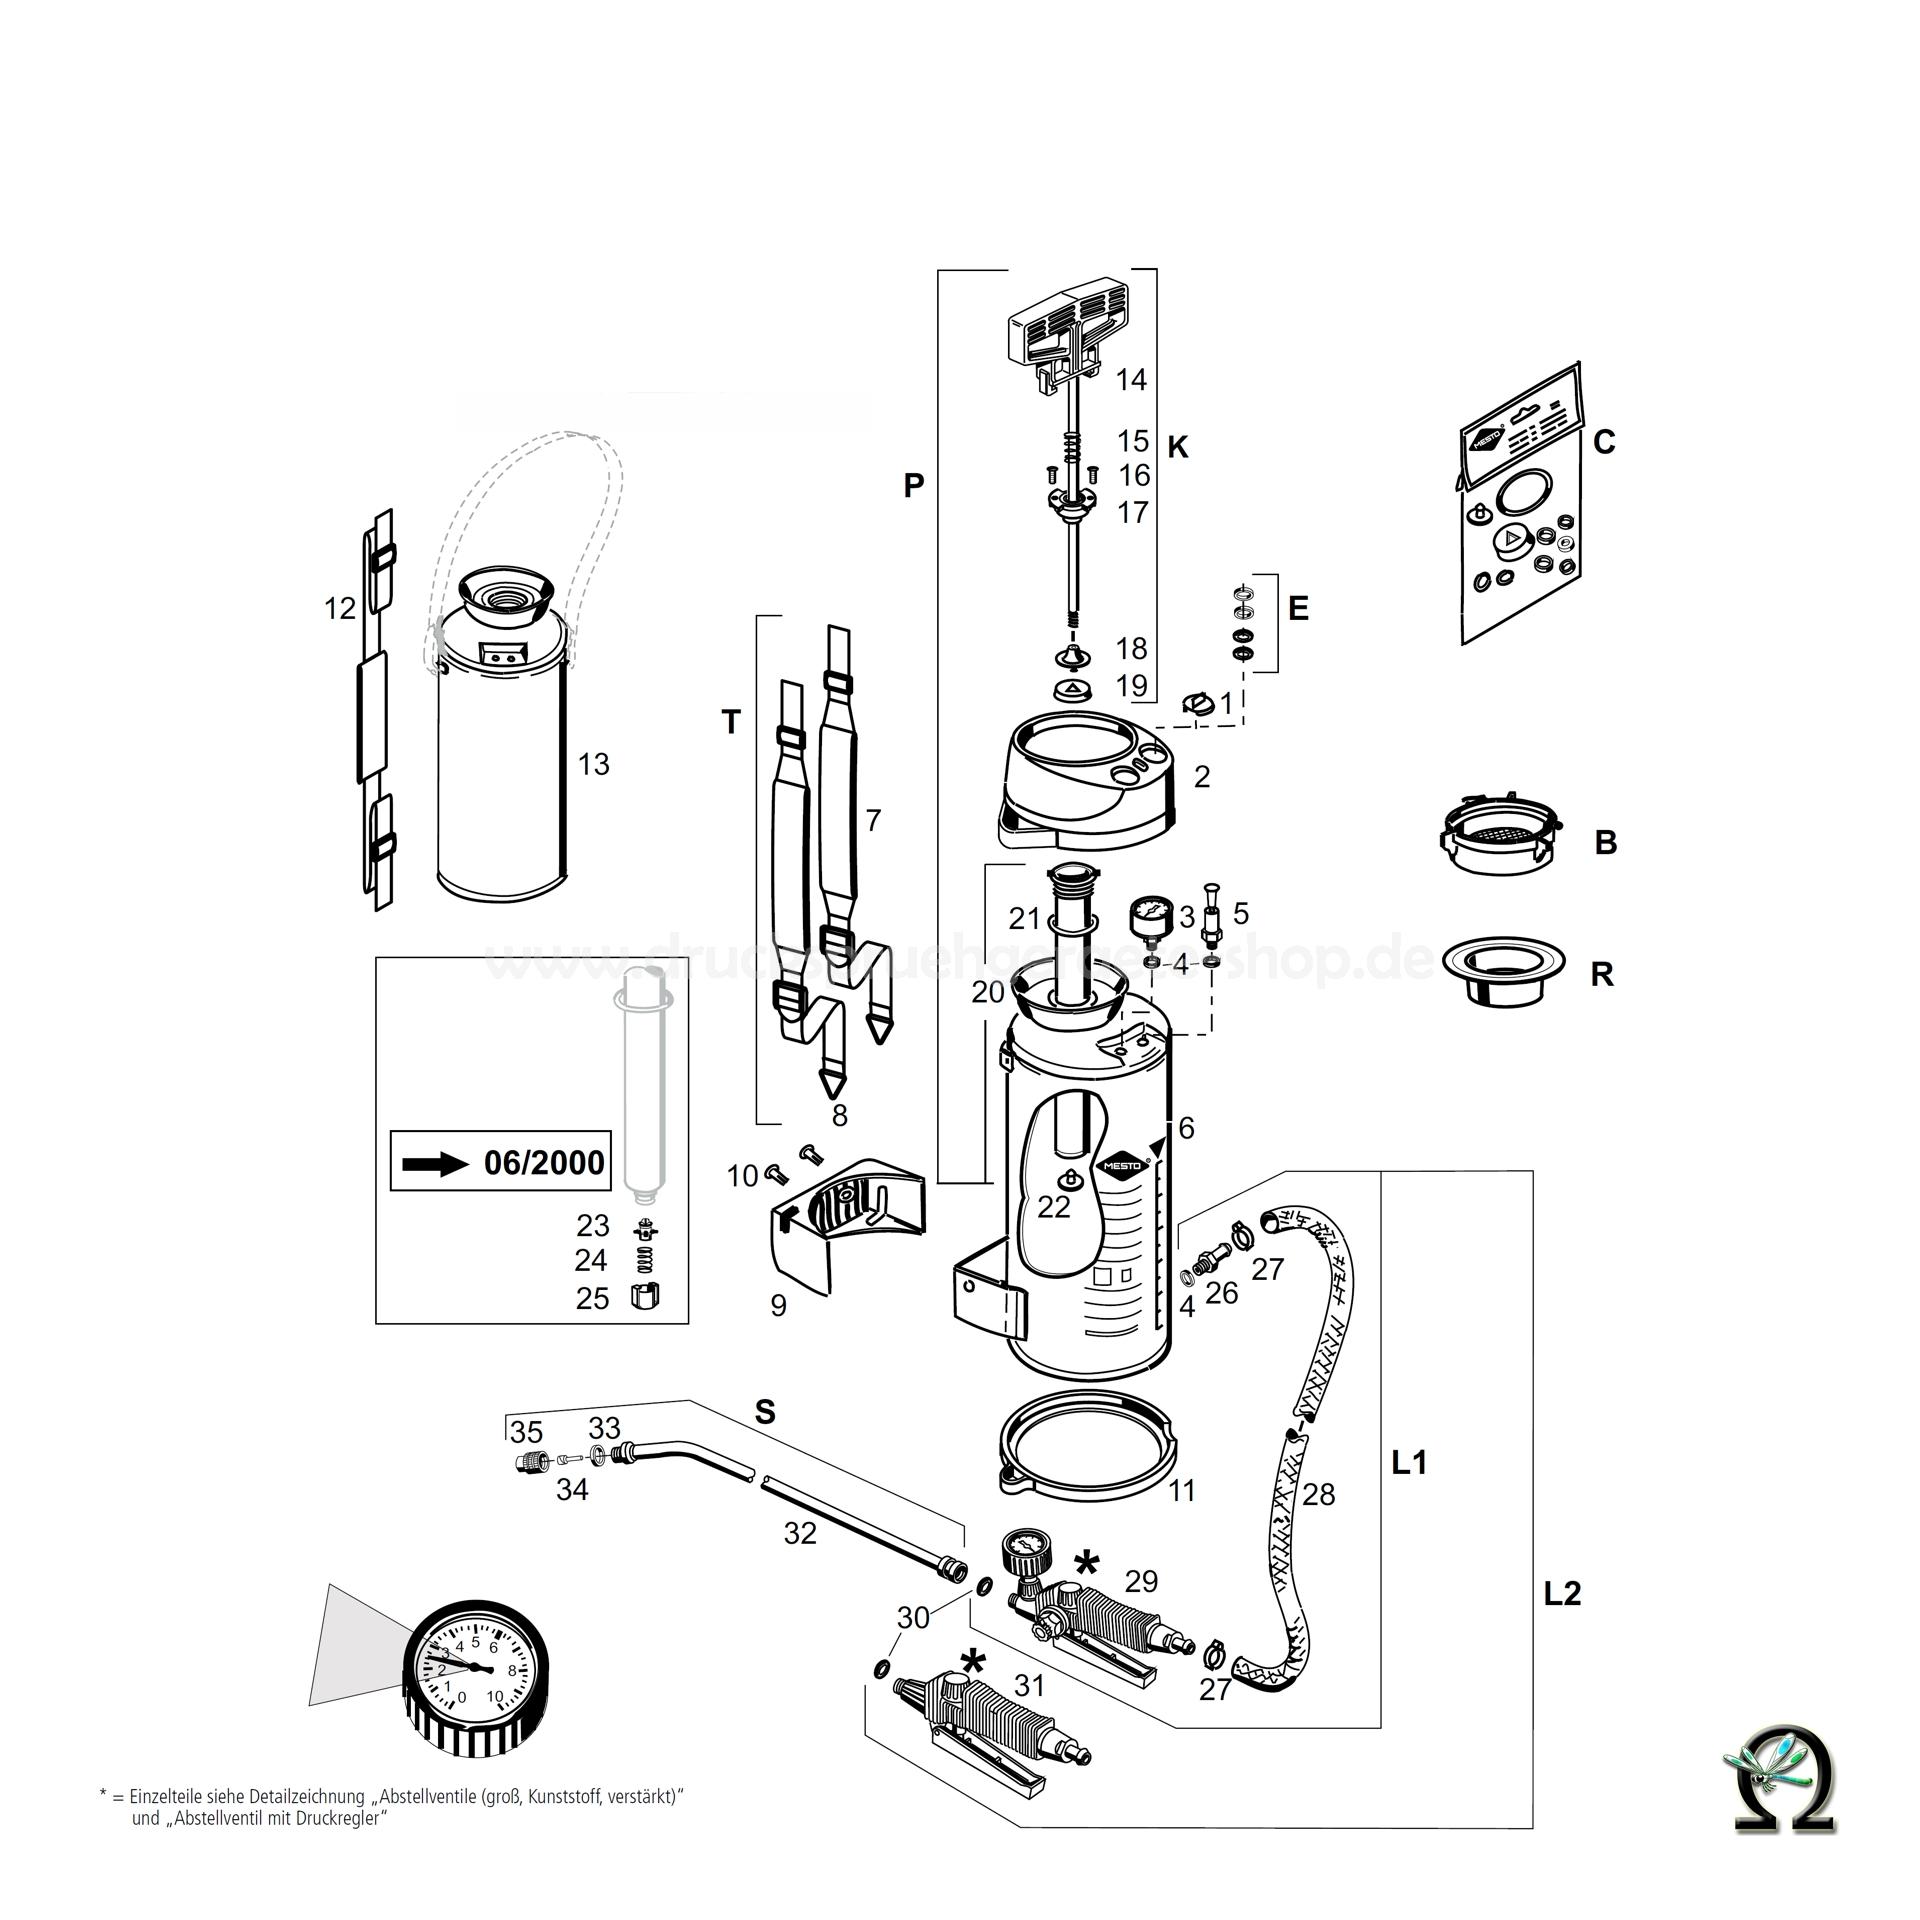 MESTO Hochdrucksprühgerät 3590 RESISTENT - 5 Liter, Zeichnung der Einzelteile